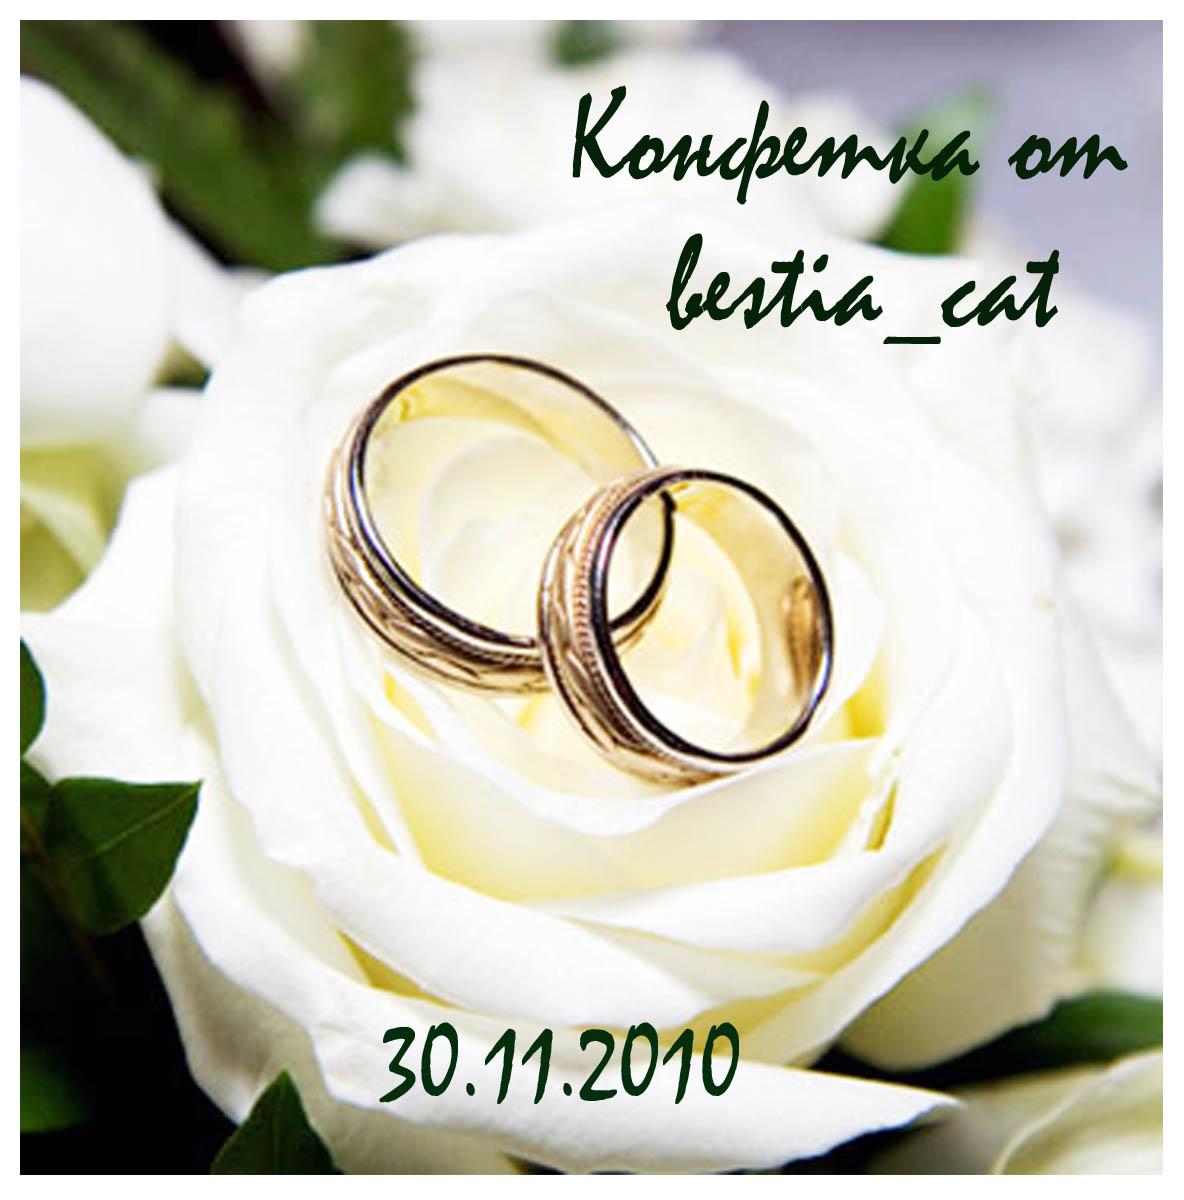 Поздравление мужу с 11 летием совместной жизни от жены прикольные